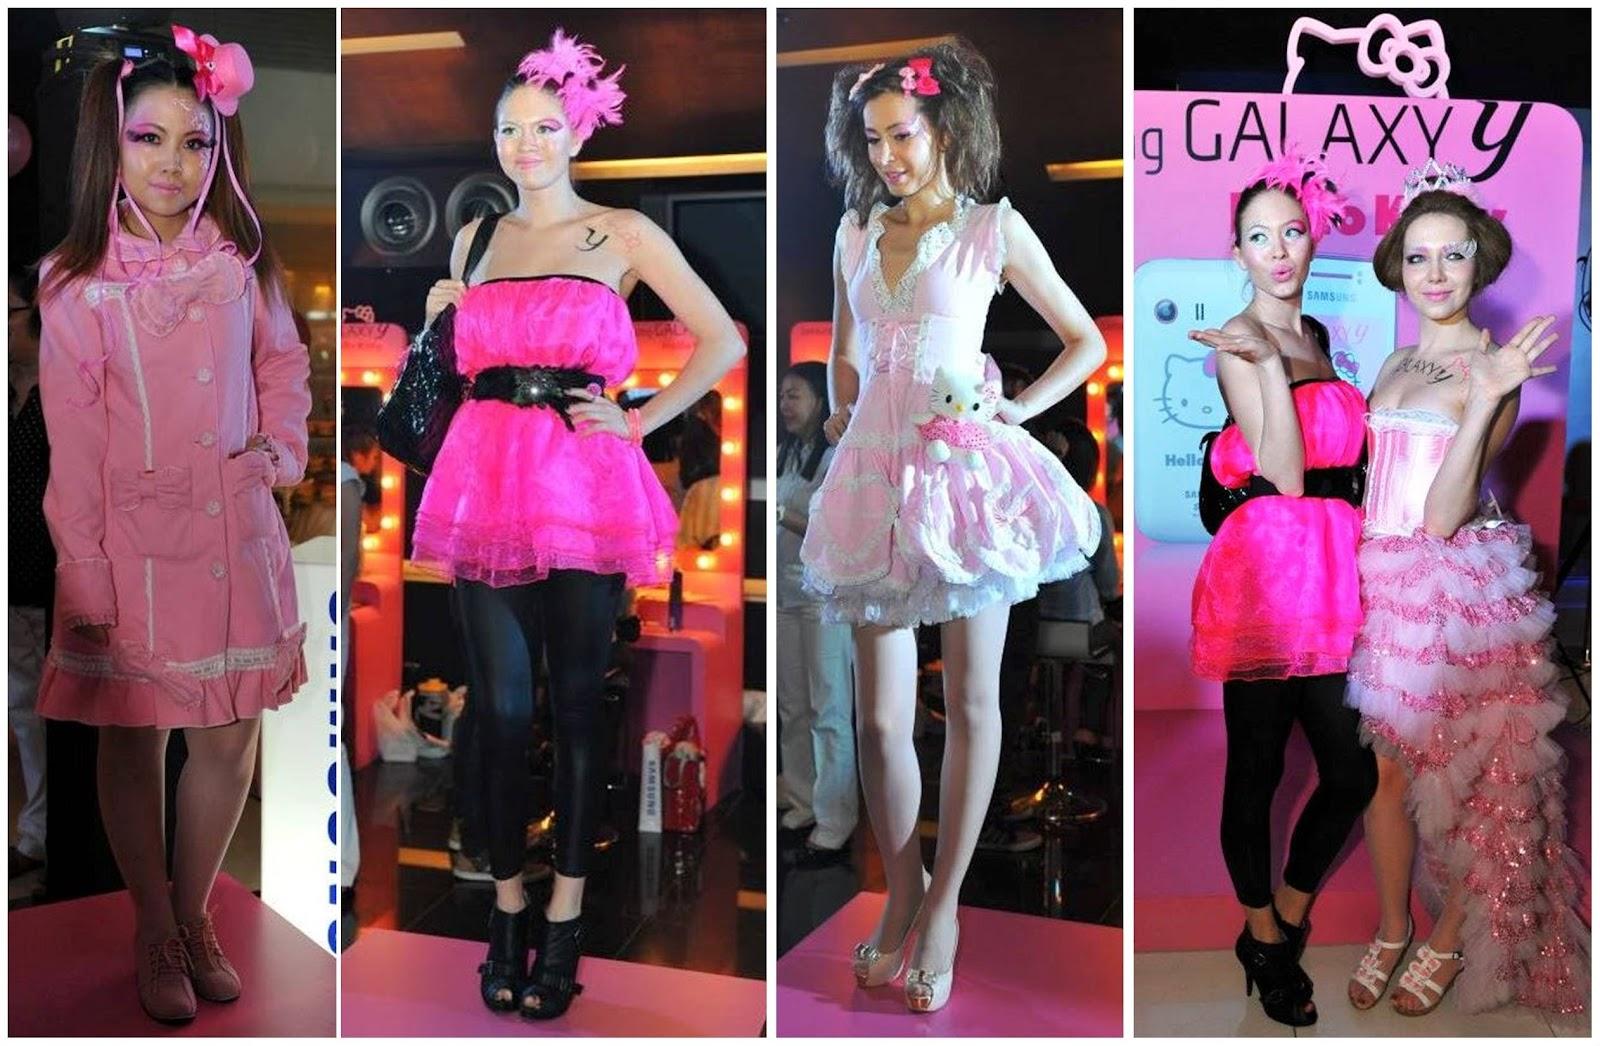 http://3.bp.blogspot.com/-ldB3HD0svu8/UL5bHZbwcJI/AAAAAAAAA2k/EbgPon6NQVo/s1600/Samsung+Galaxy+Y+Hello+Kitty+14.jpg